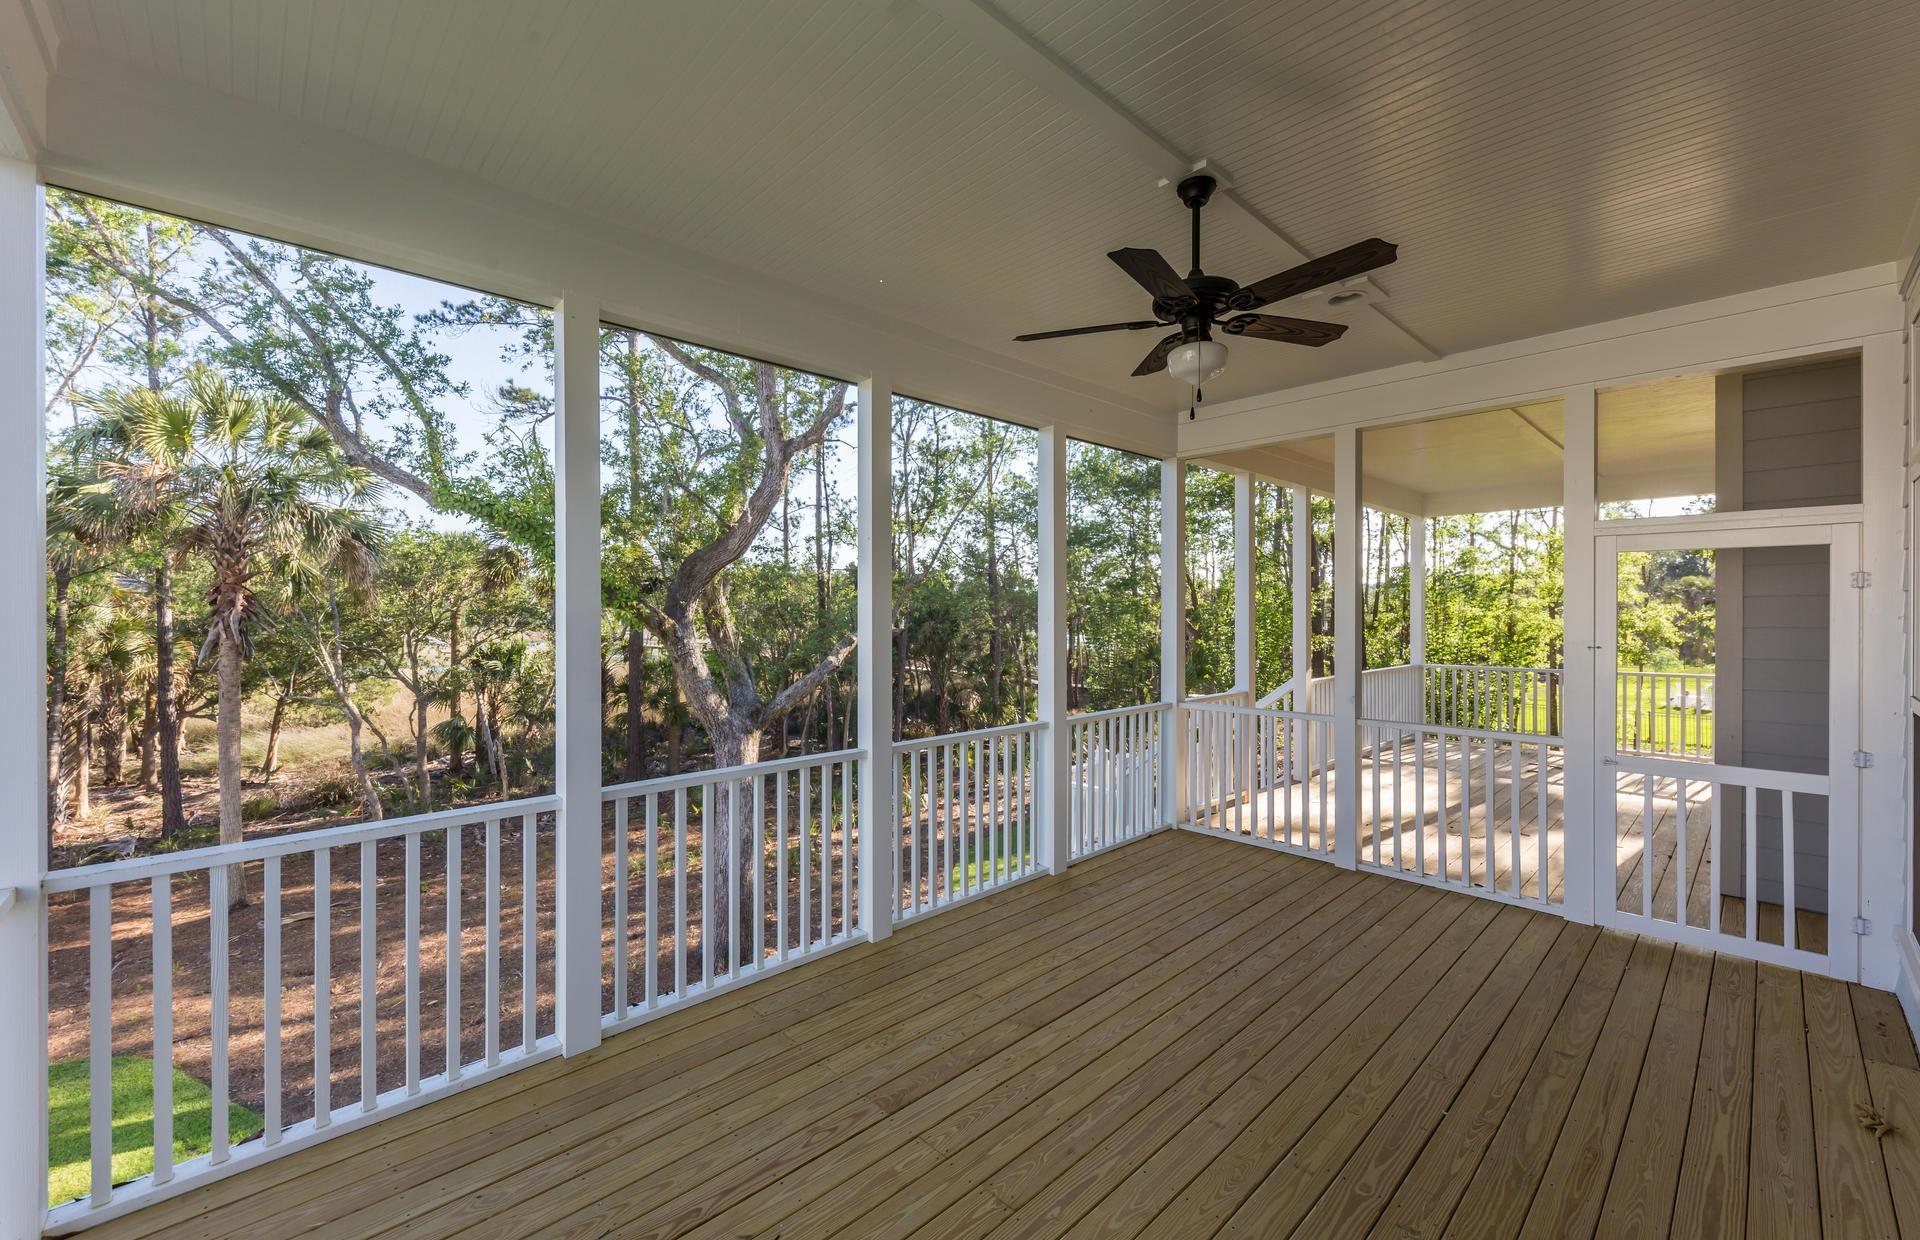 Dunes West Homes For Sale - 2996 Yachtsman, Mount Pleasant, SC - 9